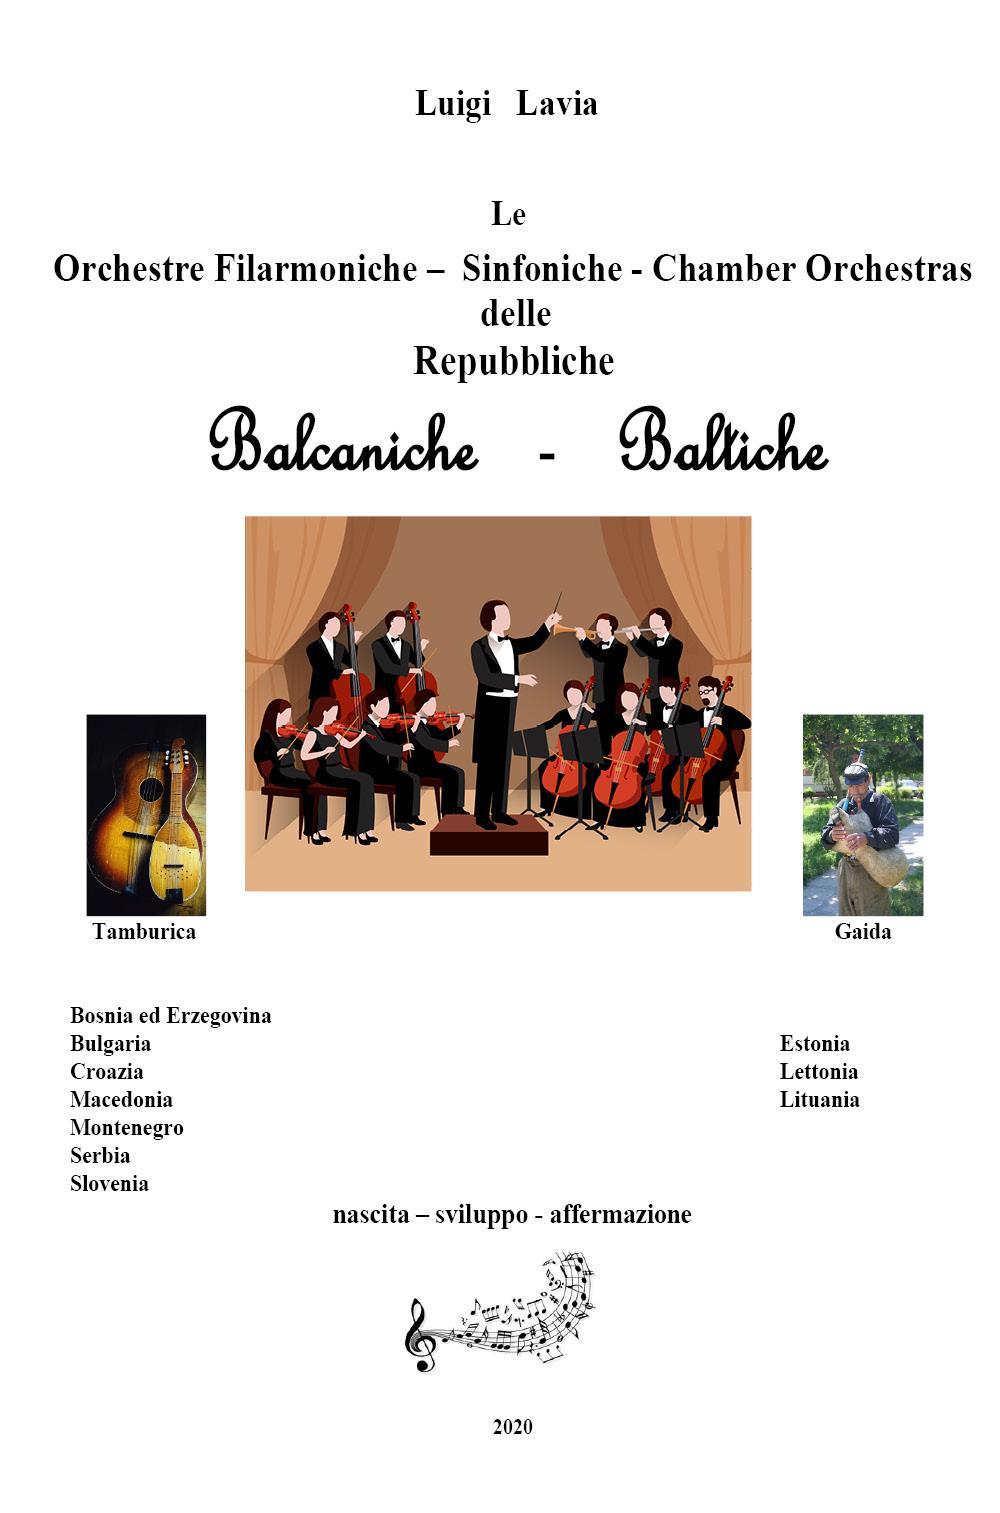 """Le Orchestre Filarmoniche, Sinfoniche e le """"Chamber Orchestras"""" delle Principali Radio Nazionali delle Repubbliche Balcaniche e Baltiche"""